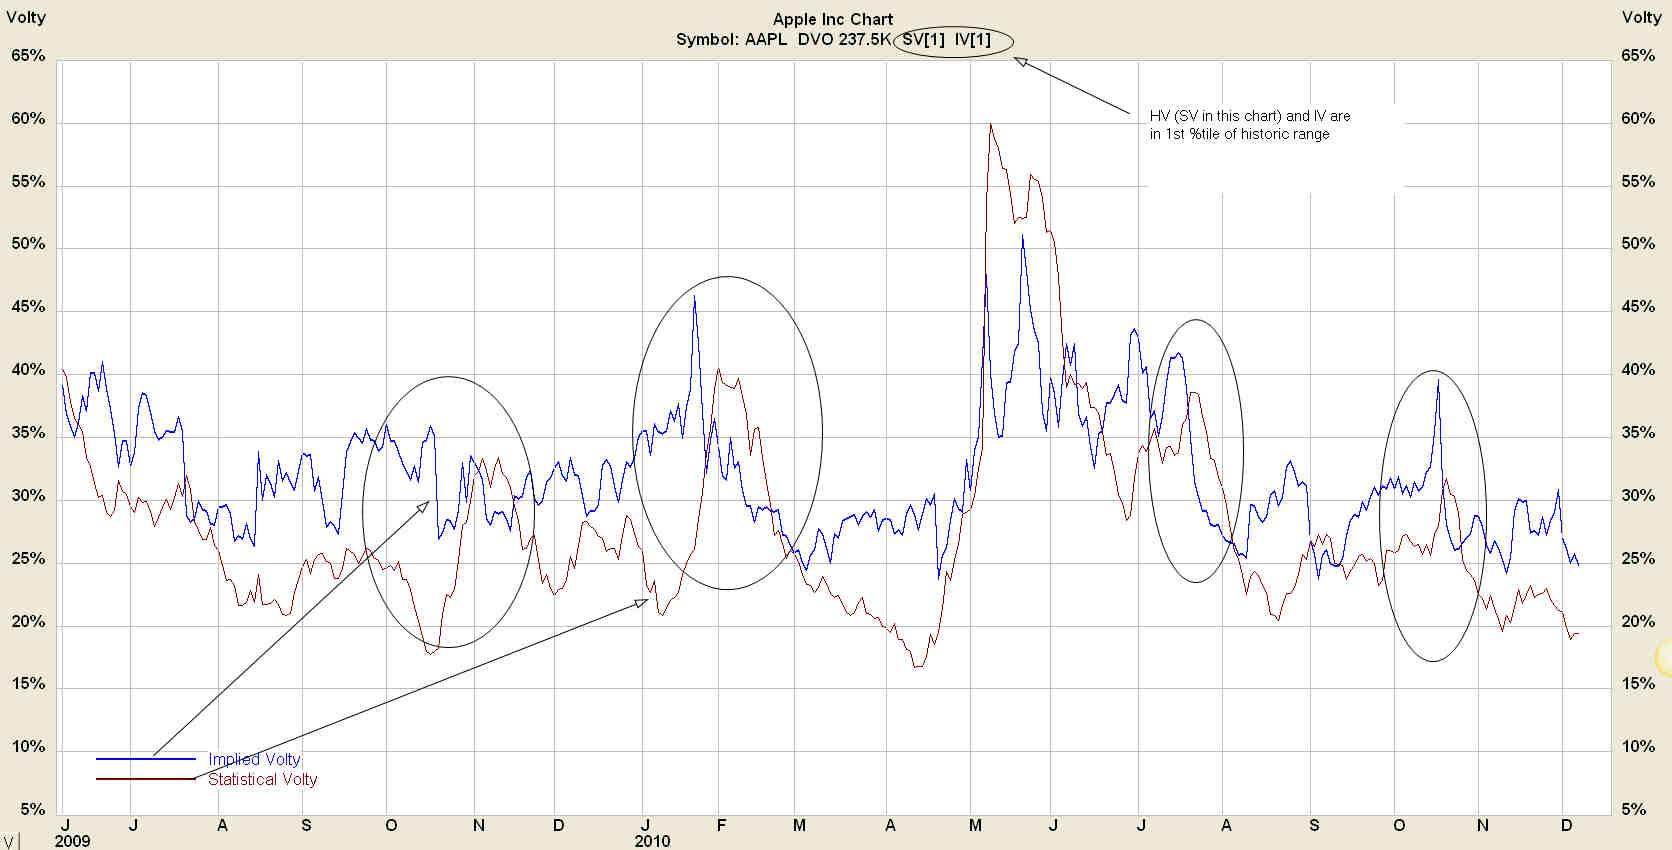 AAPL Volatility